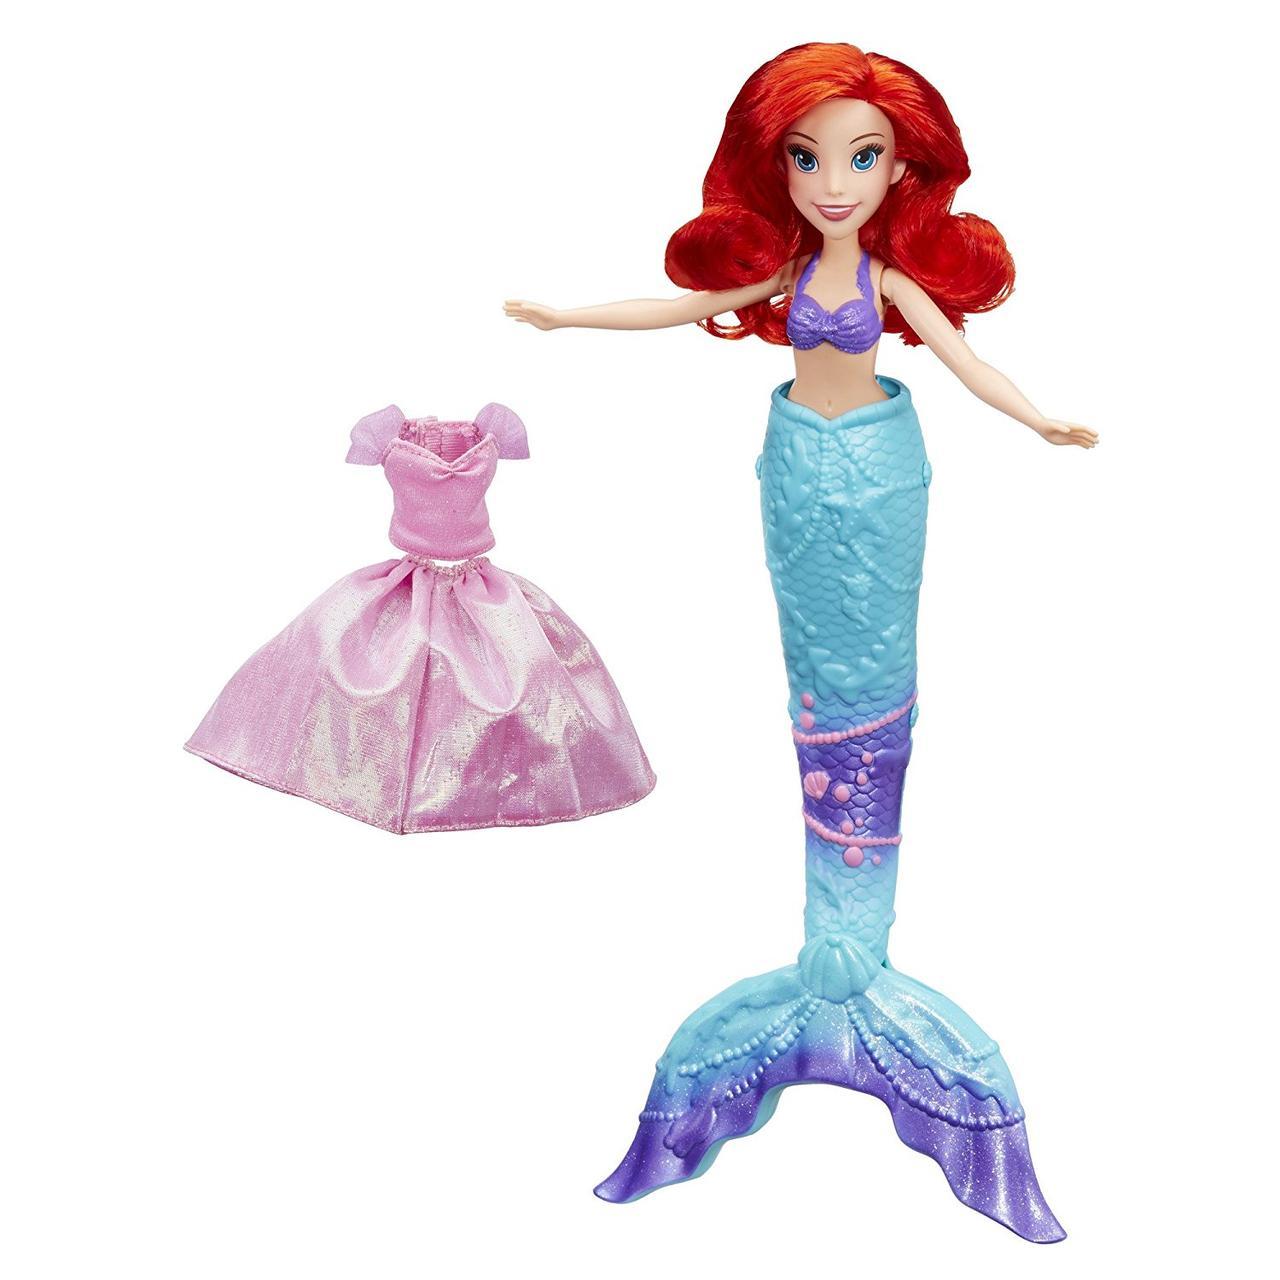 Кукла Принцесса Ариель, превращающаяся из Русалки в девушку